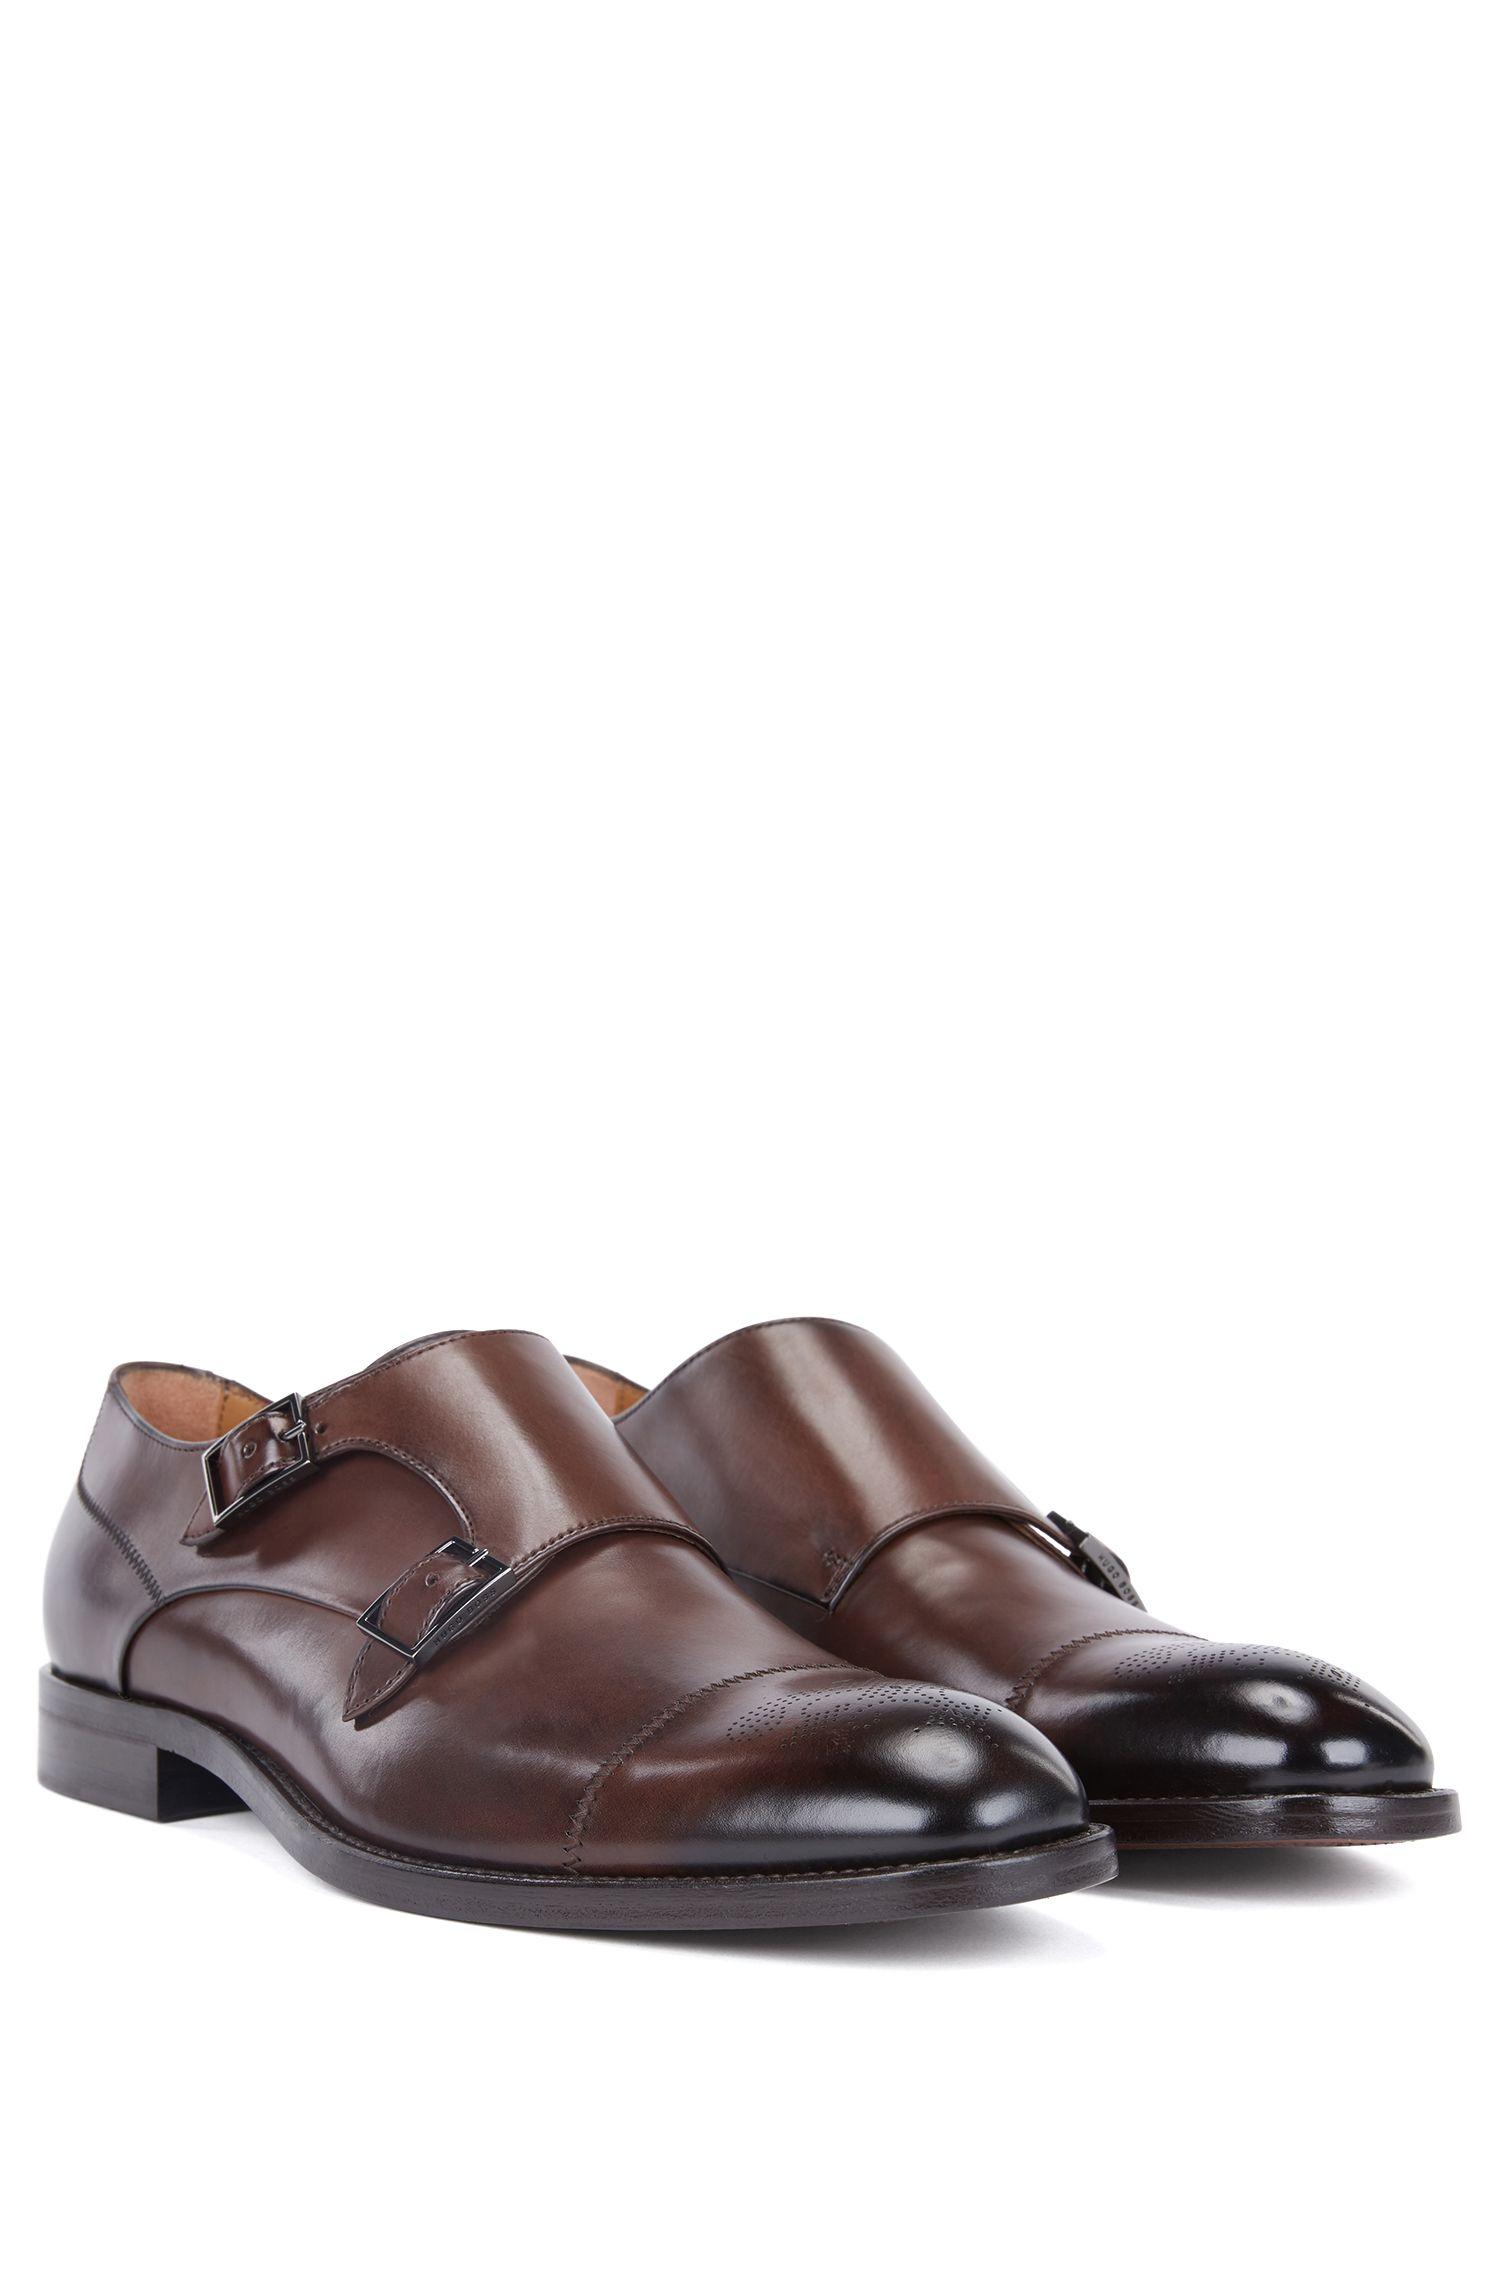 Chaussures en cuir de veau poli à double bride